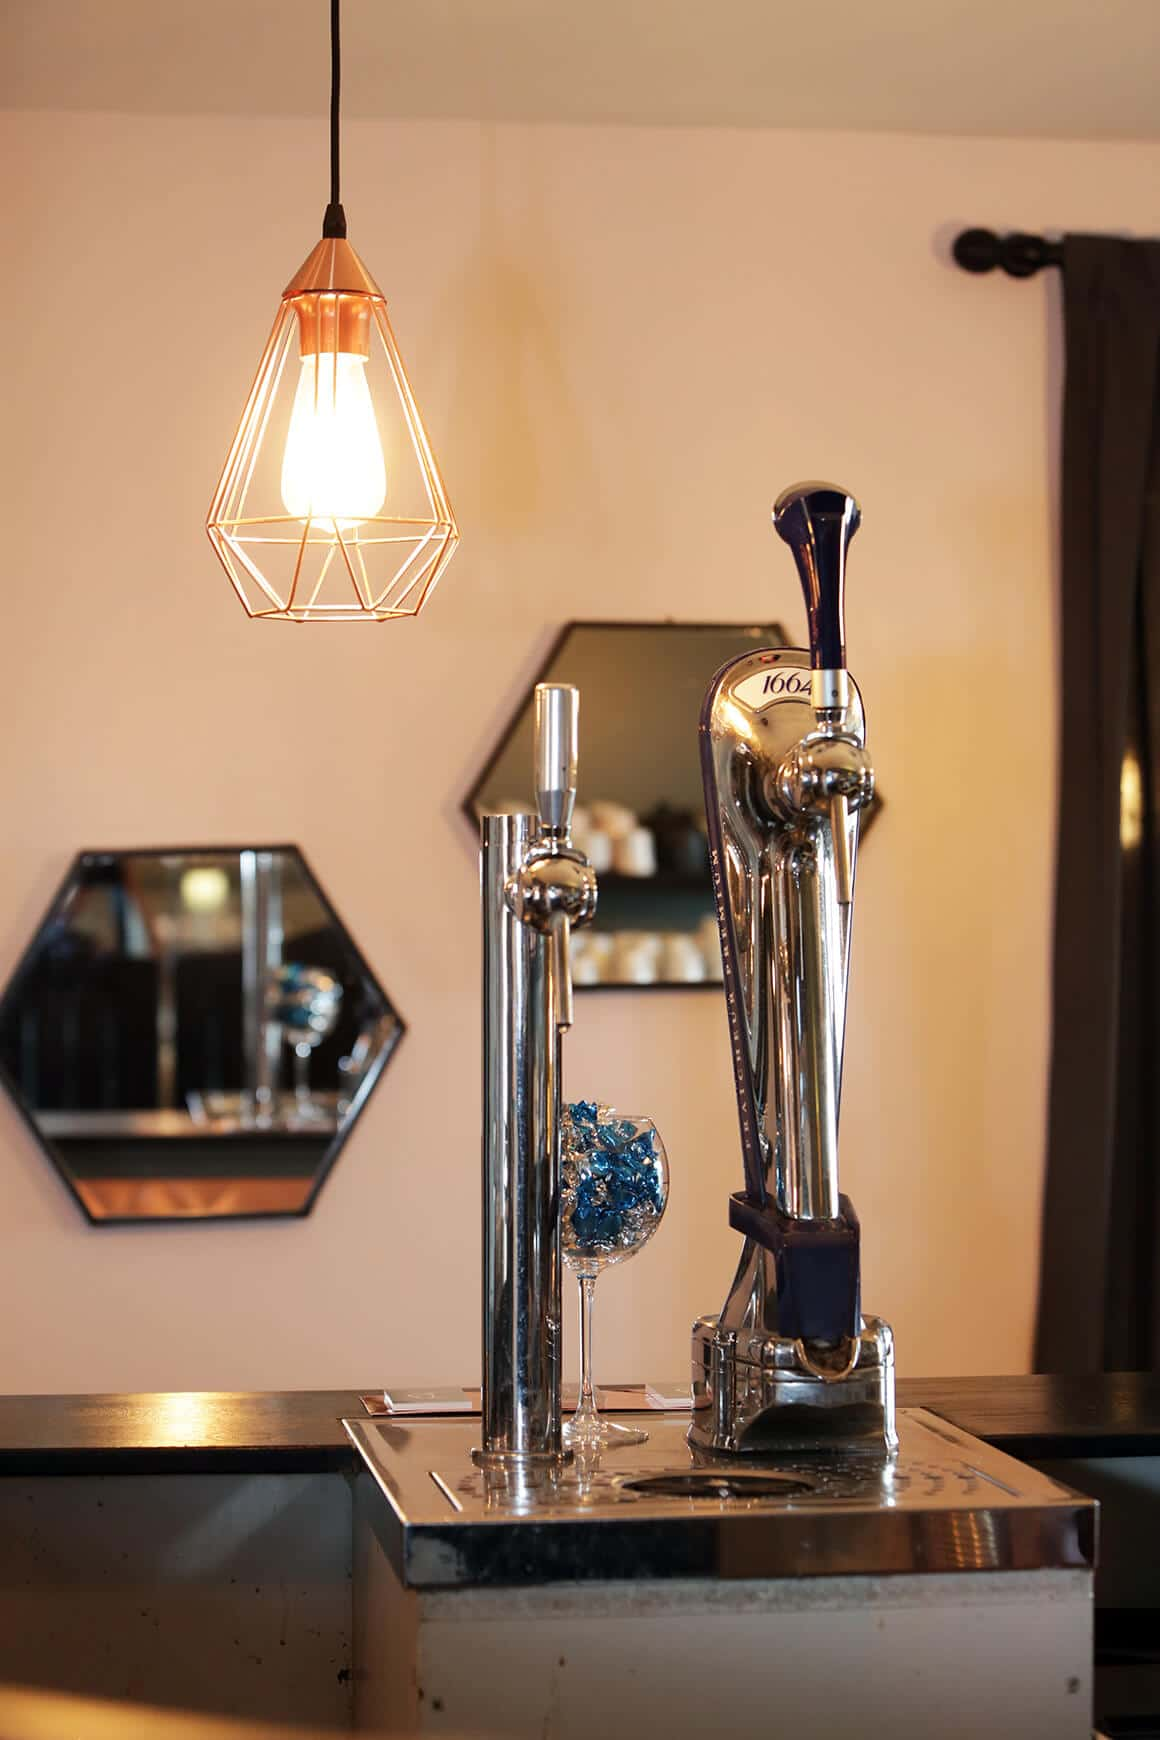 Les Bruyeres, redesign d'un restaurant - granville - decoration d'intérieur